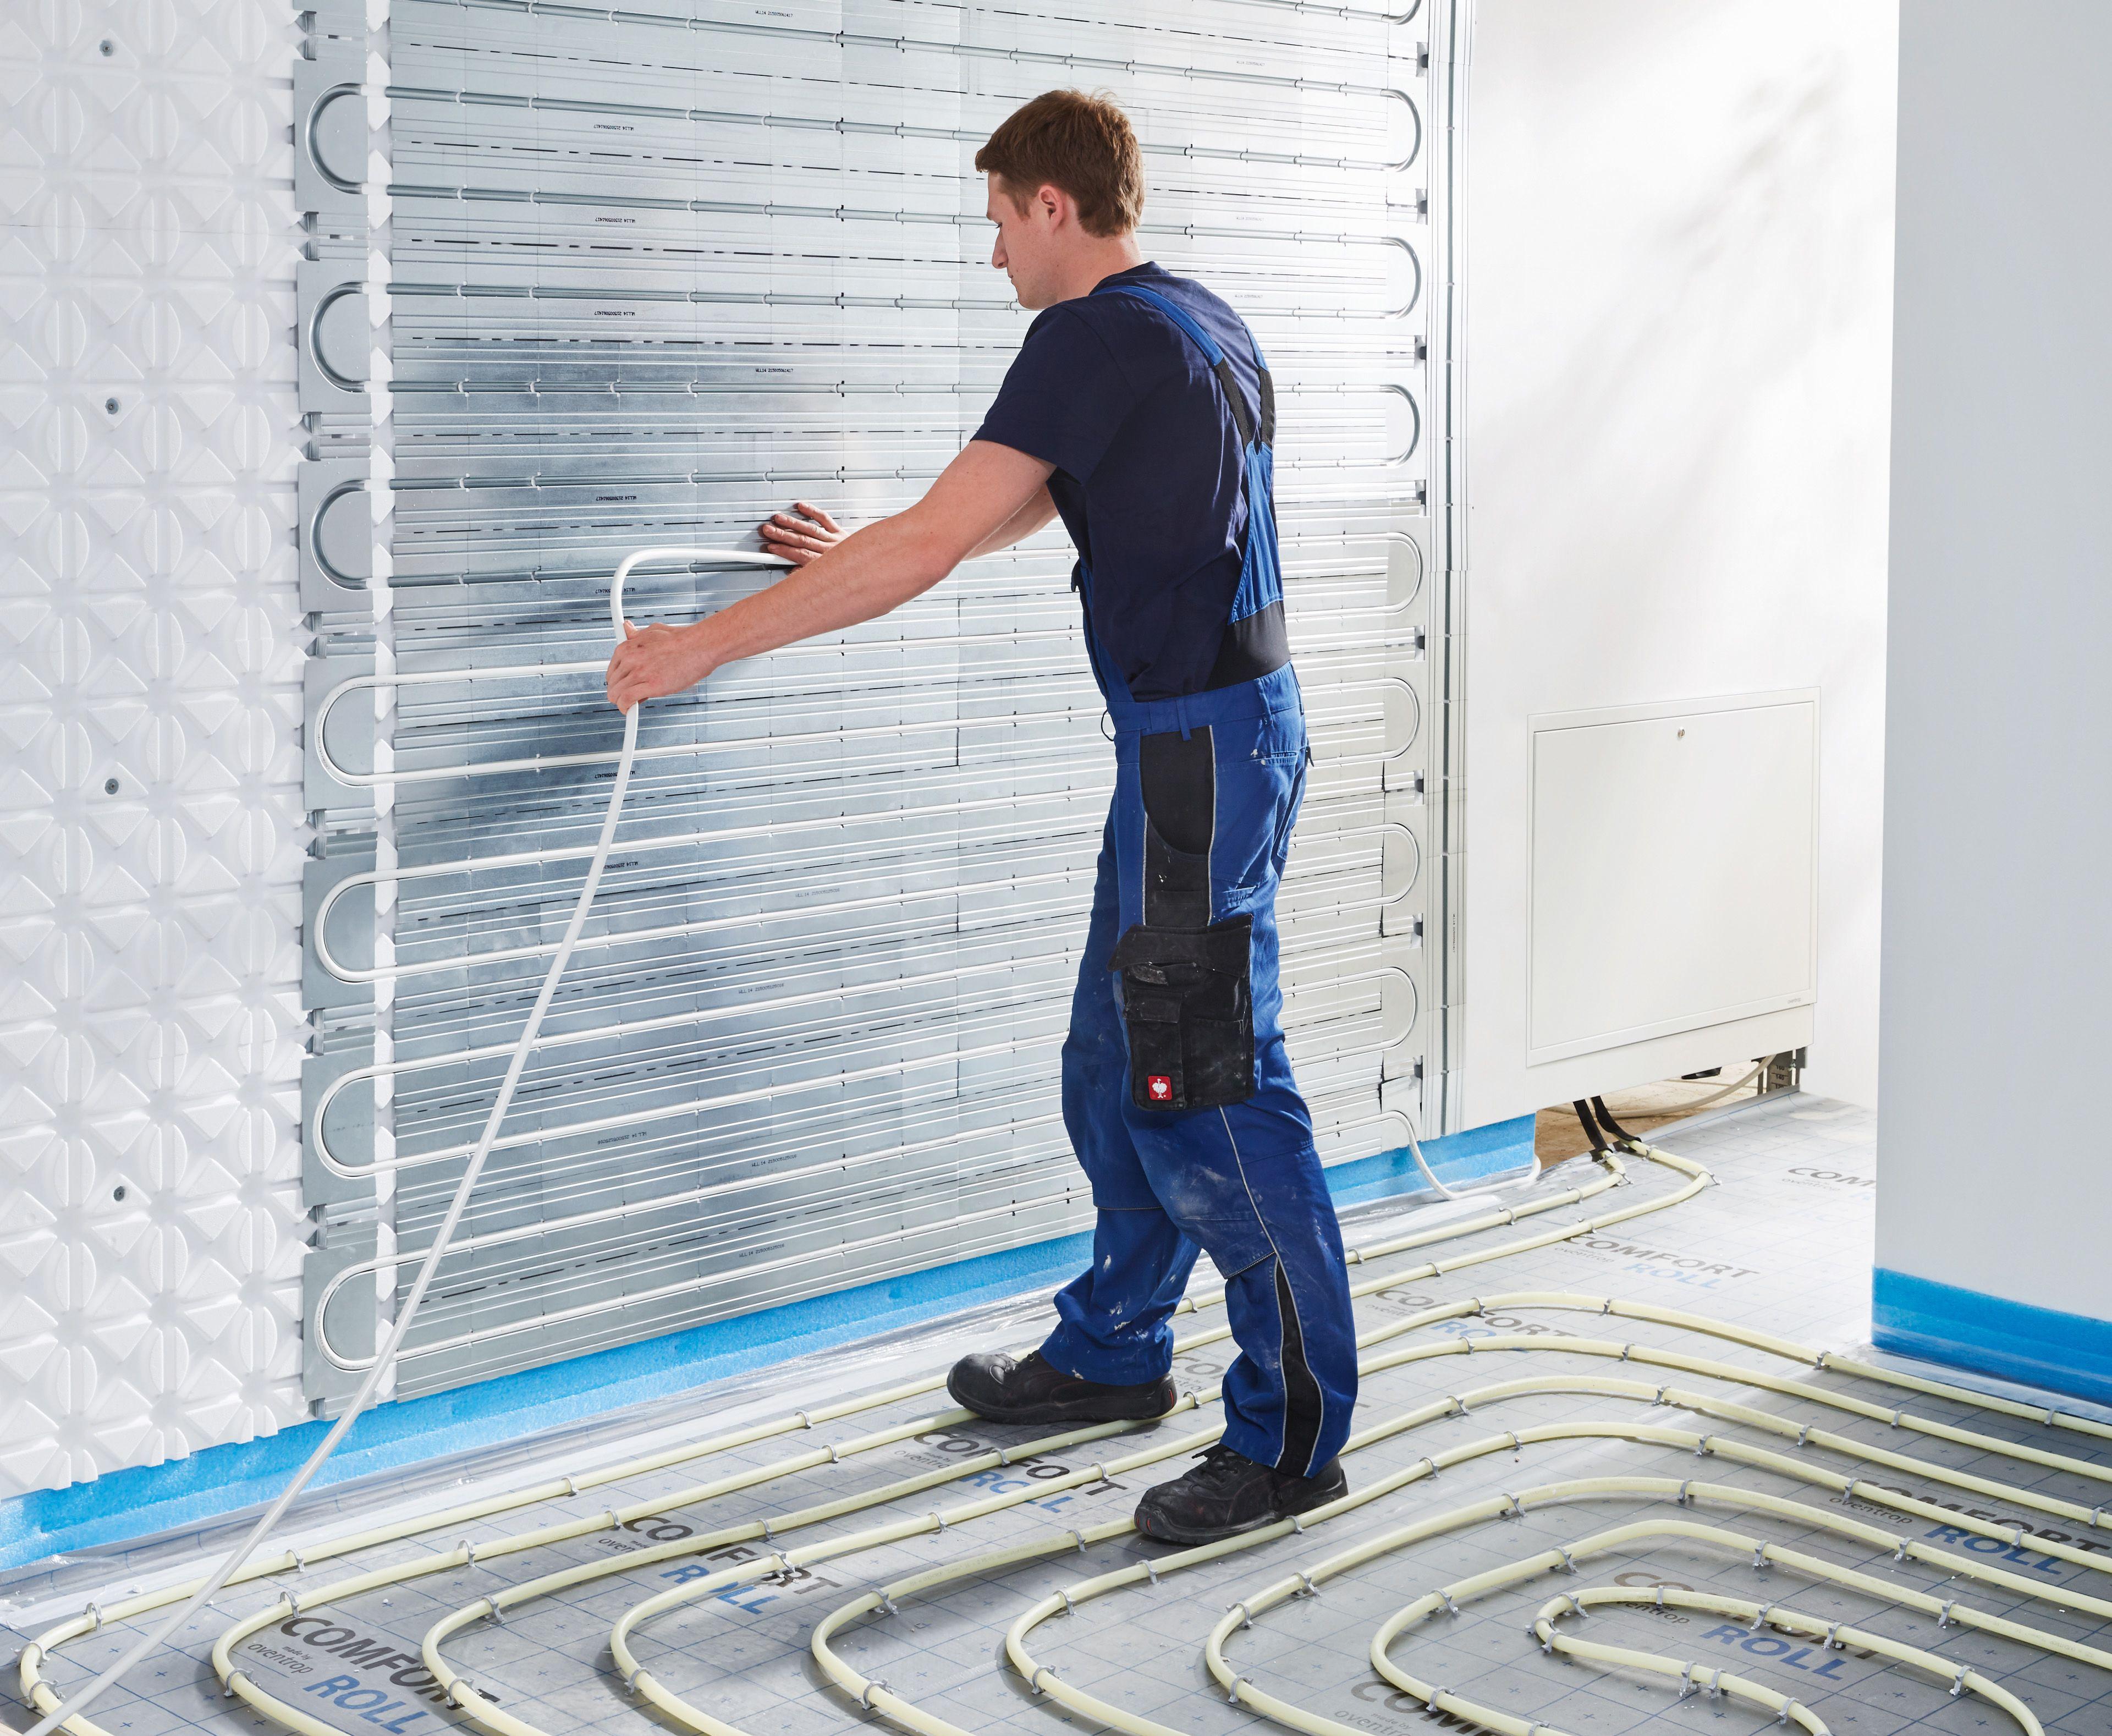 Sanibel Comfort Roll Optimierte Flachenwarme Und Kuhlung Haustechnik Heizkosten Sparen Wandheizung